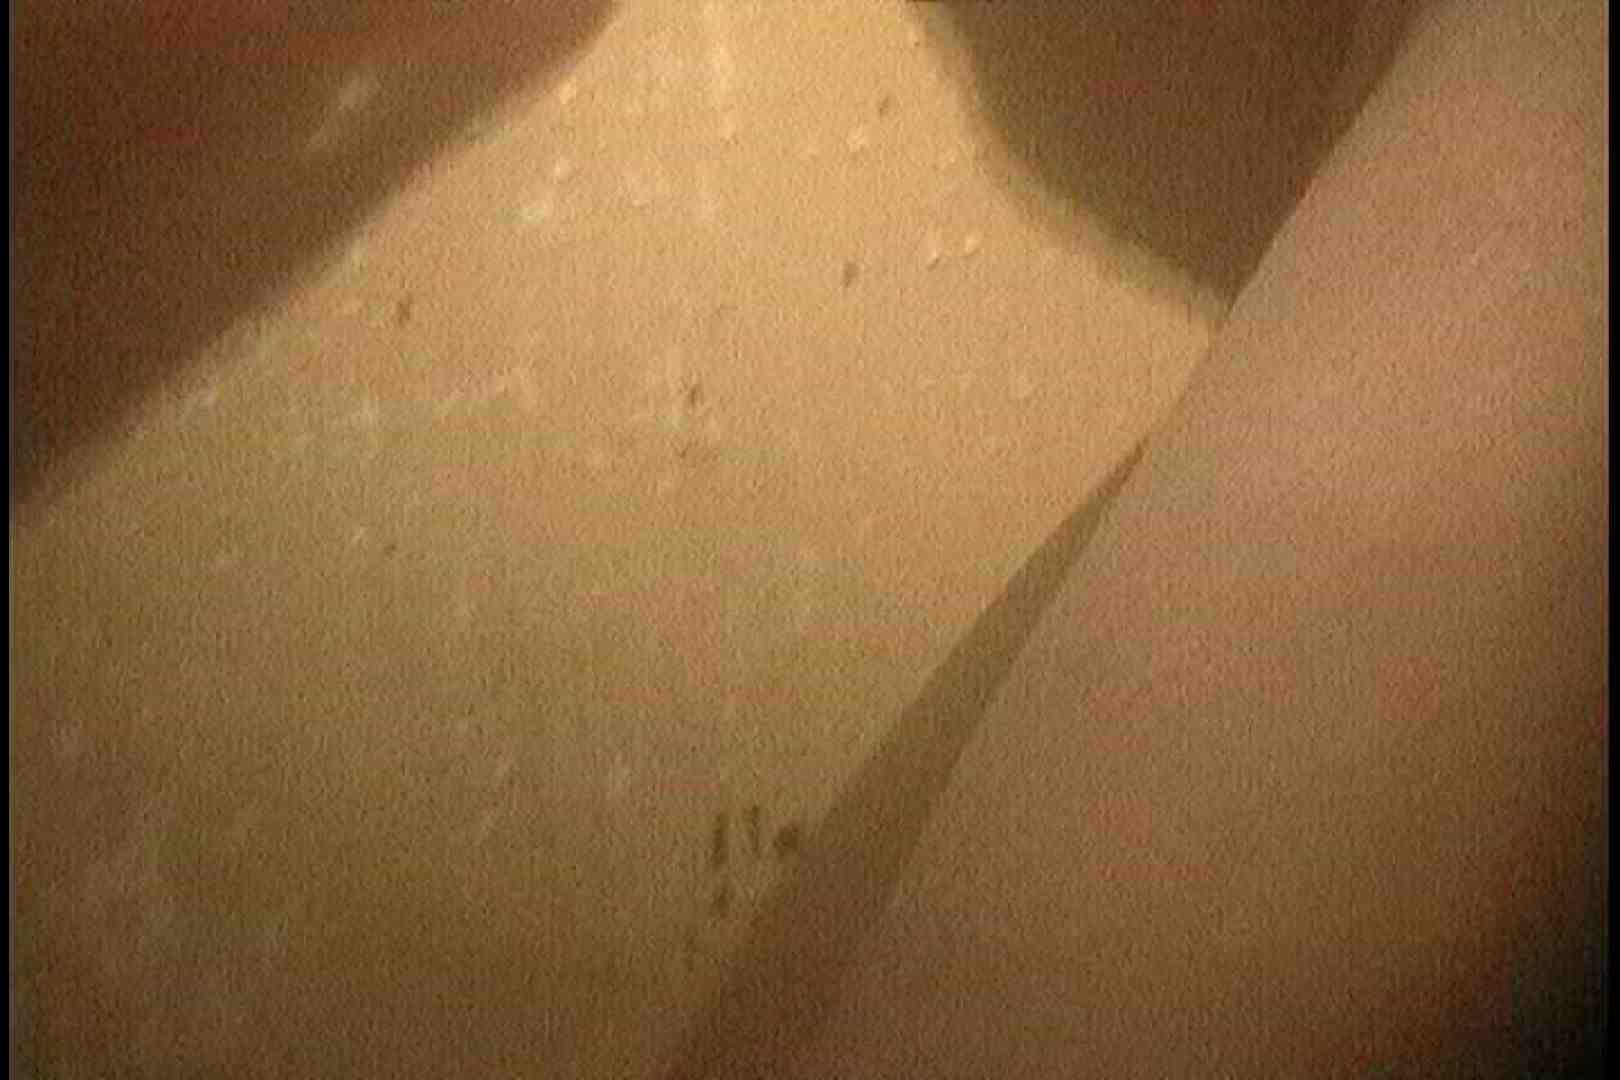 No.43 ばれそうでばれません 柔らかおっぱいが美味しそう! シャワー室 | 乙女〜!  100画像 43